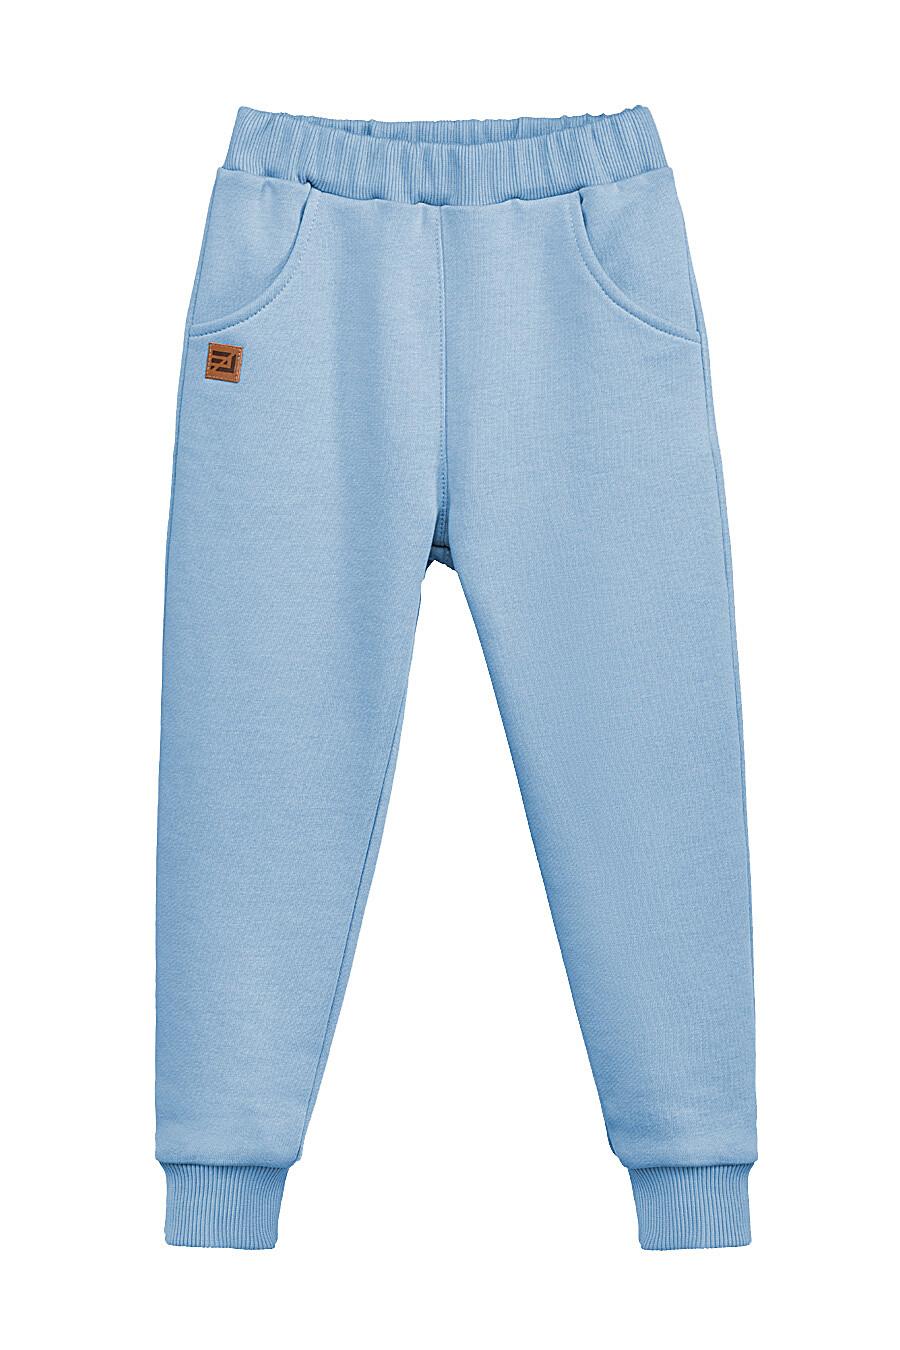 Костюм(Водолазка+Брюки) для мальчиков EZANNA 668055 купить оптом от производителя. Совместная покупка детской одежды в OptMoyo